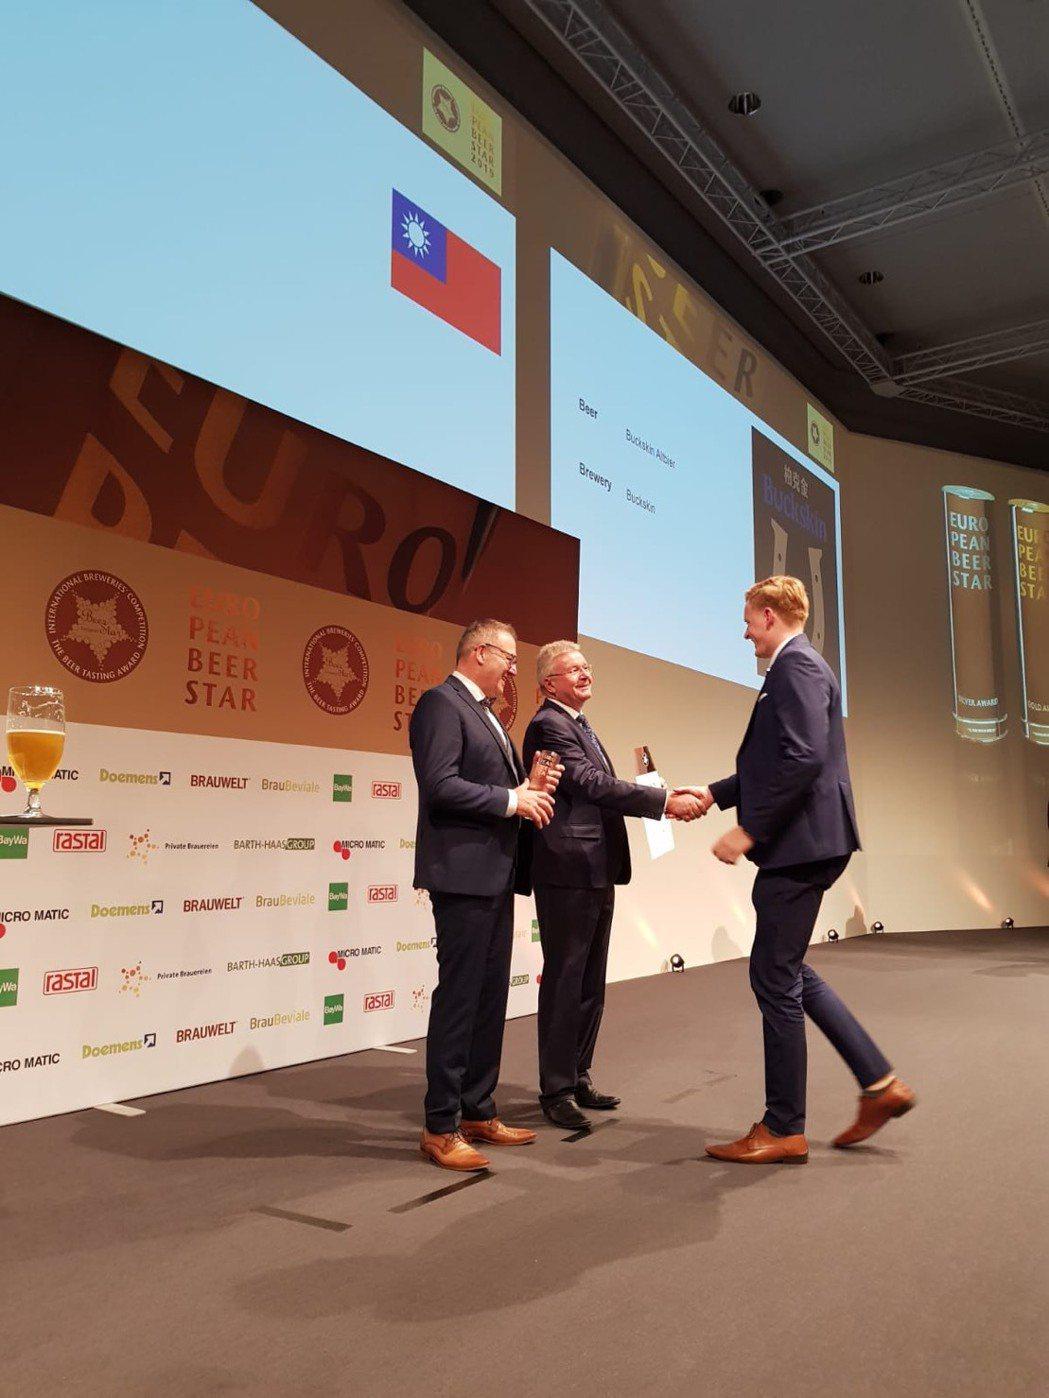 11月13日於德國紐倫堡舉辦的「EBS歐洲啤酒之星」頒獎典禮上,柏克金抱回1金1...